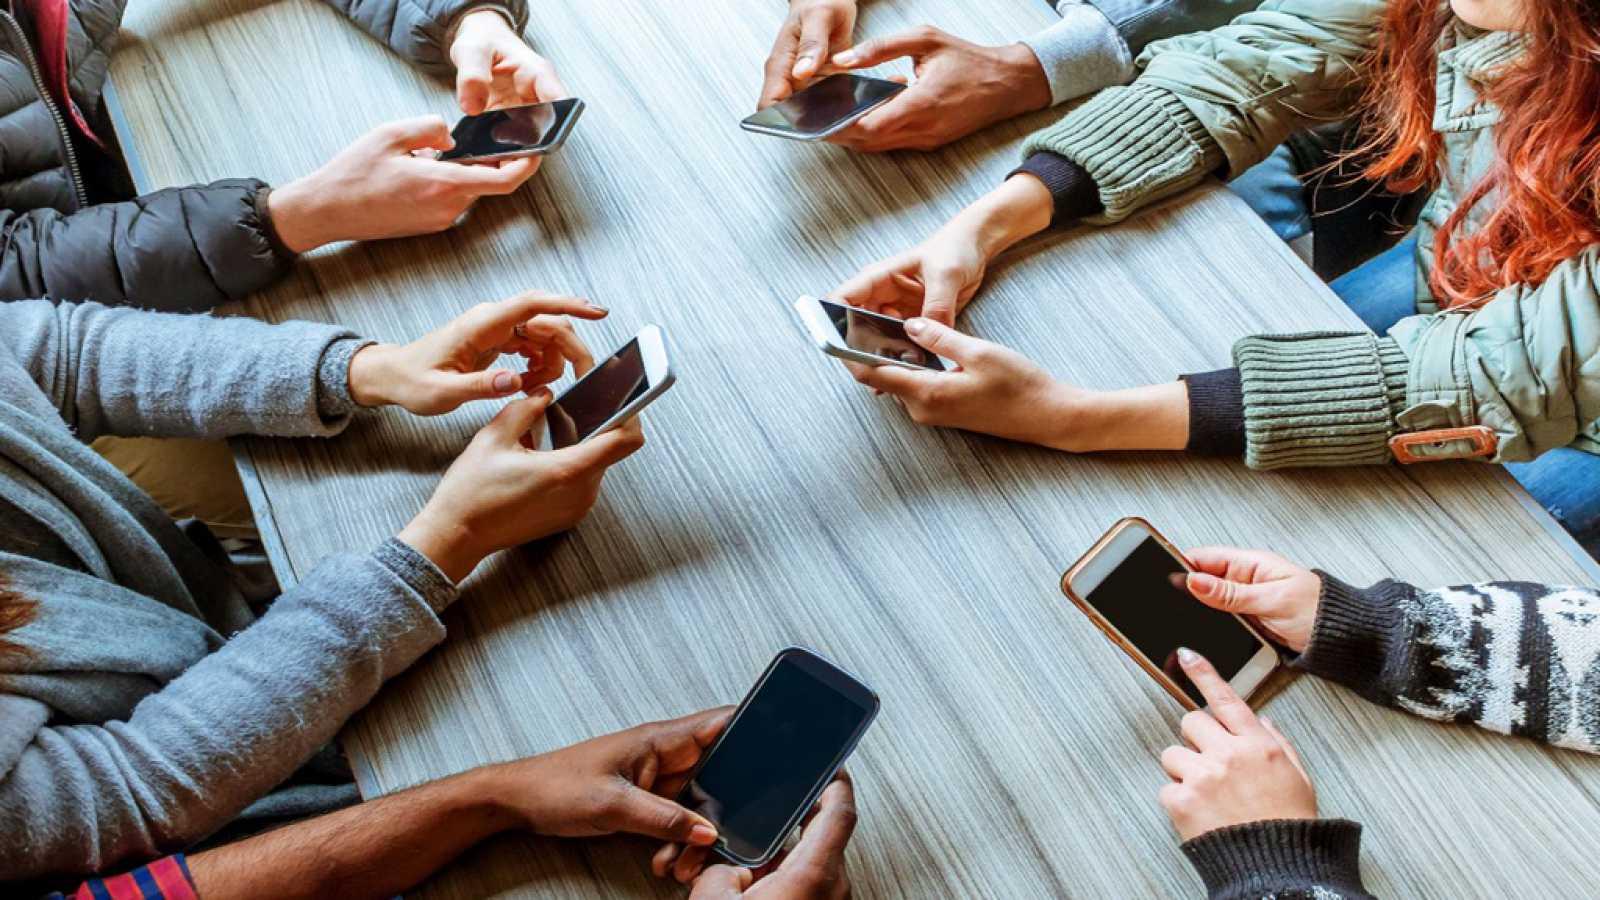 Un contrato entre padres e hijos para fomentar el uso responsable del móvil